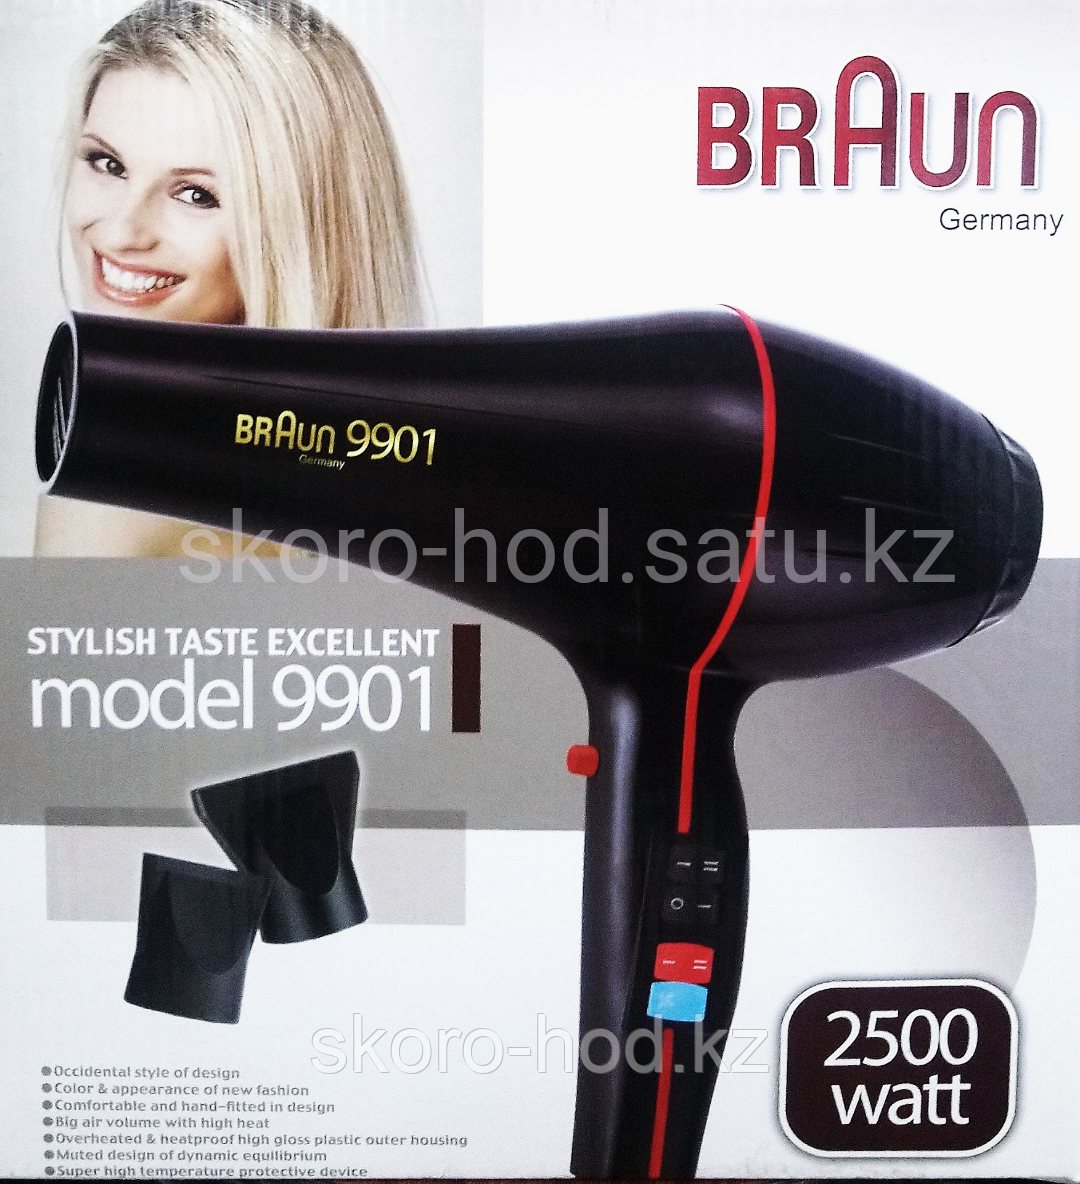 Профессиональный фен для укладки волос Braun